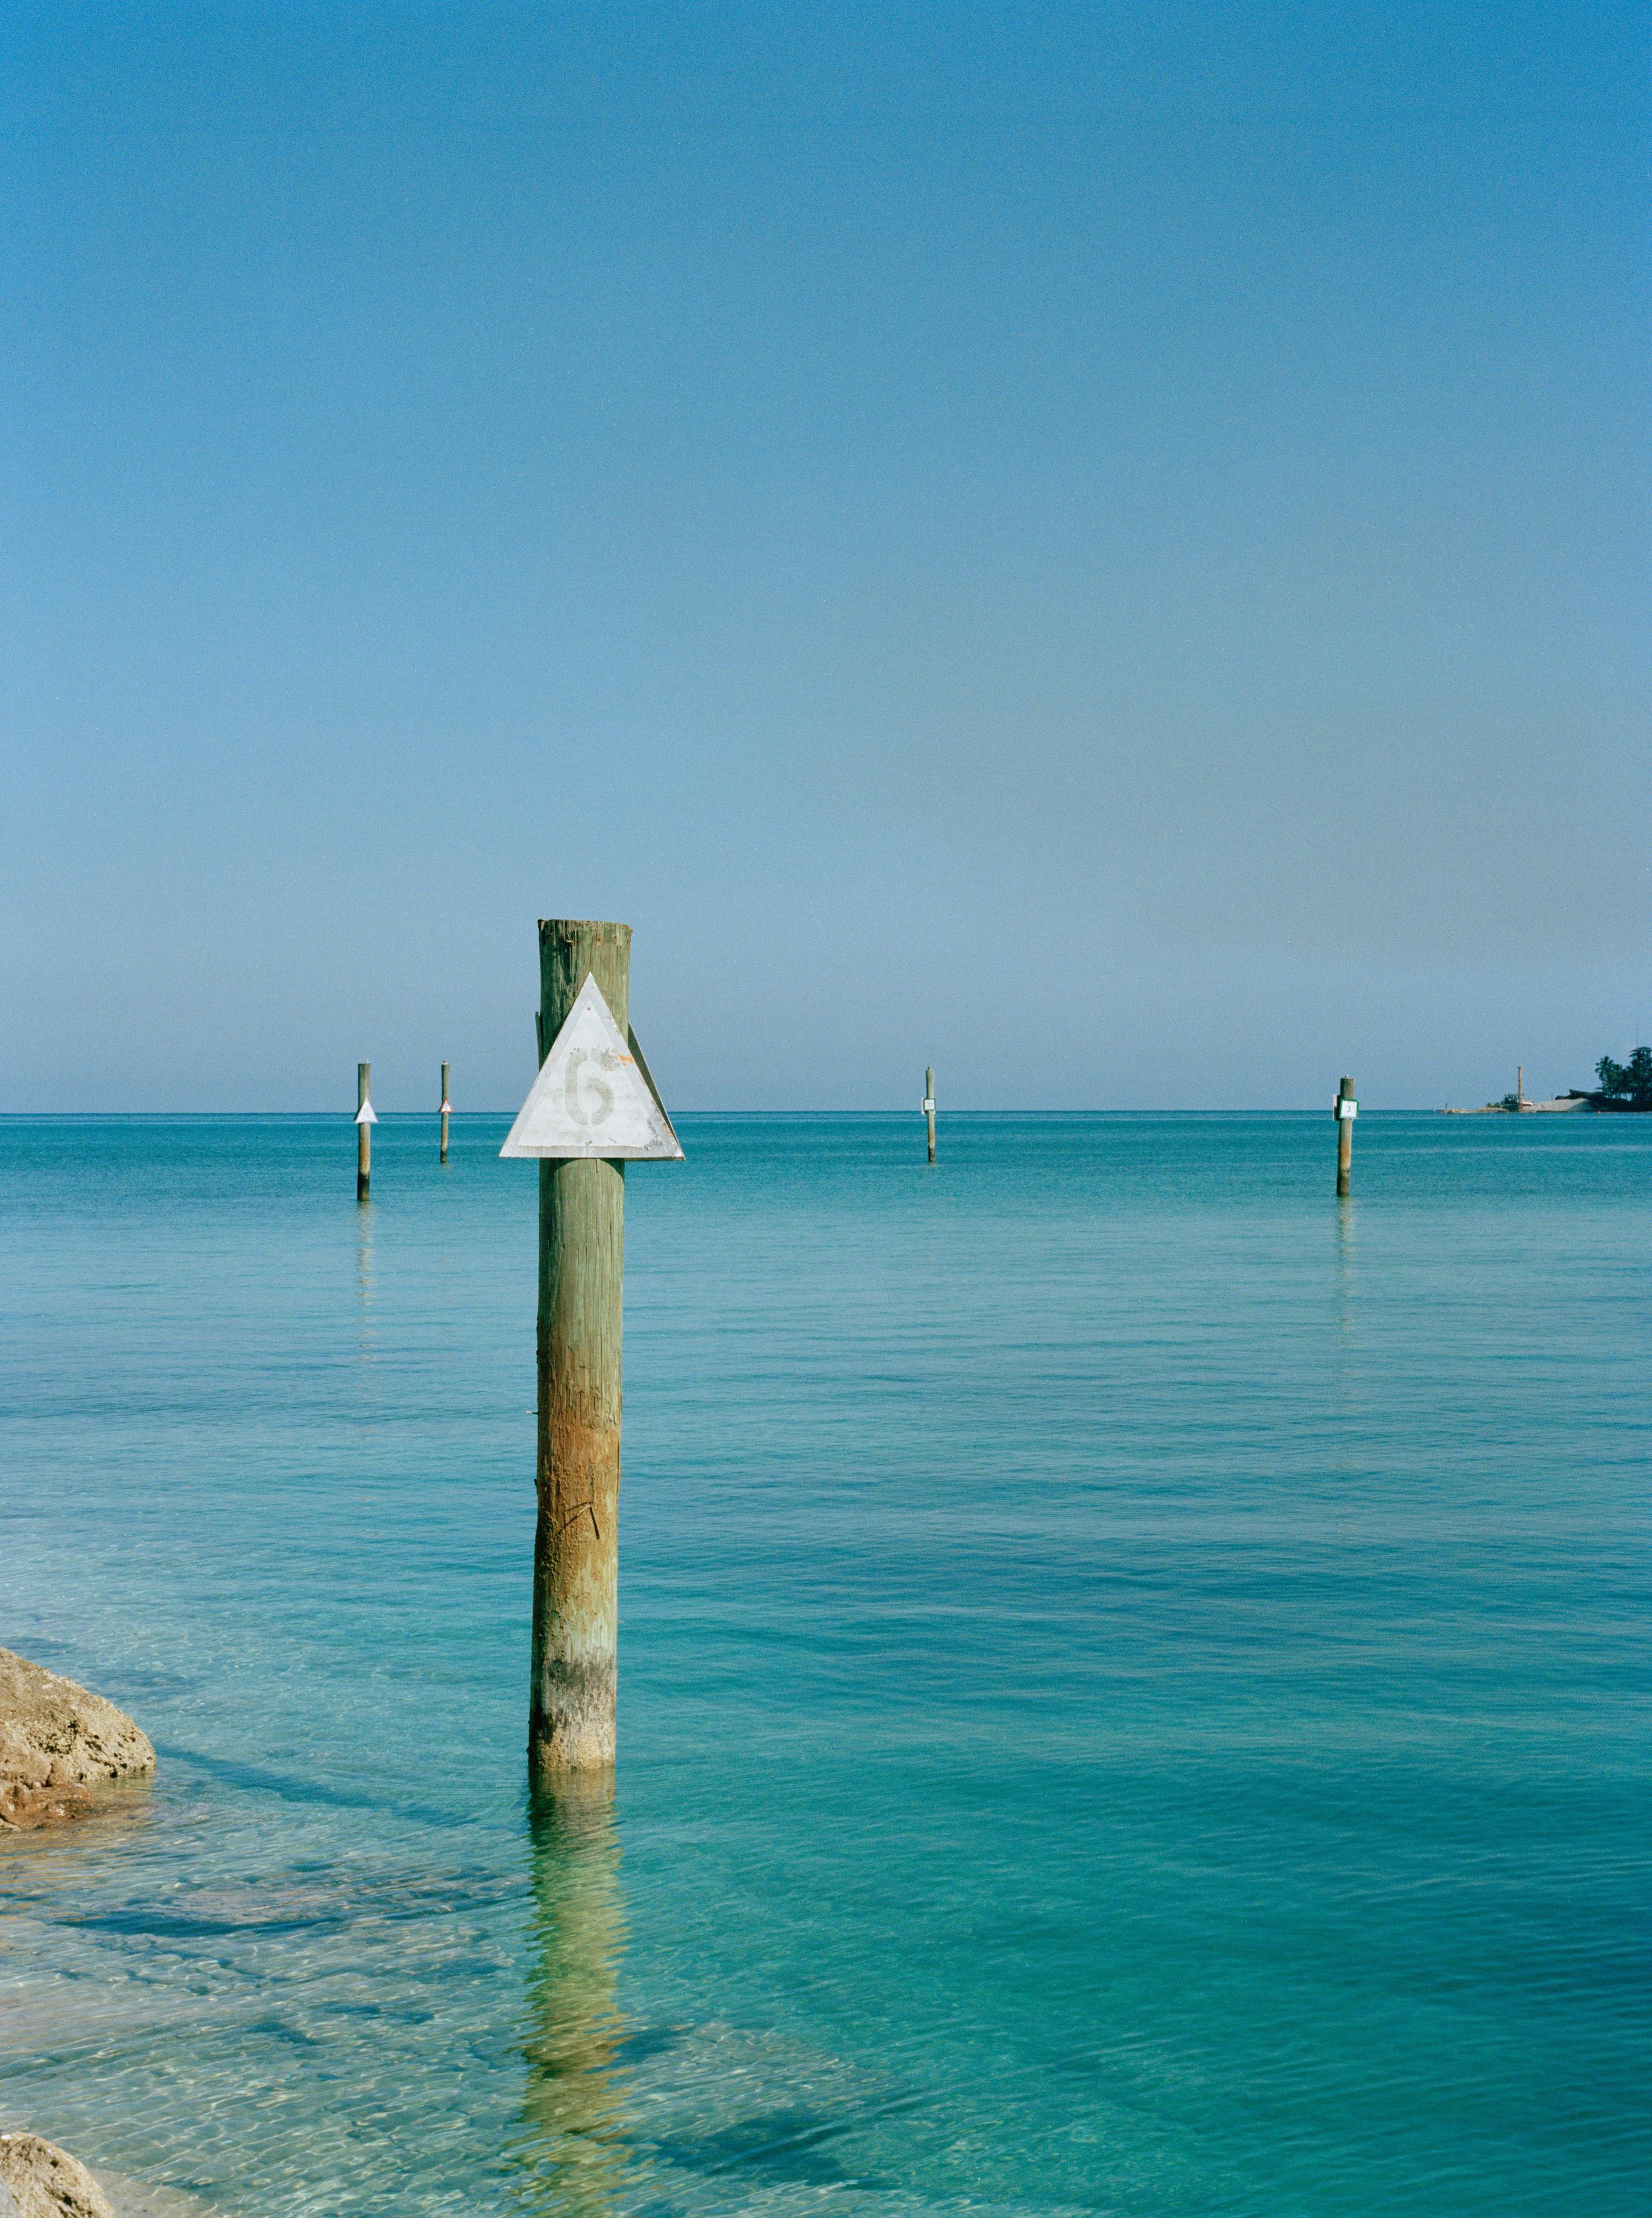 bahamas2-003.jpg